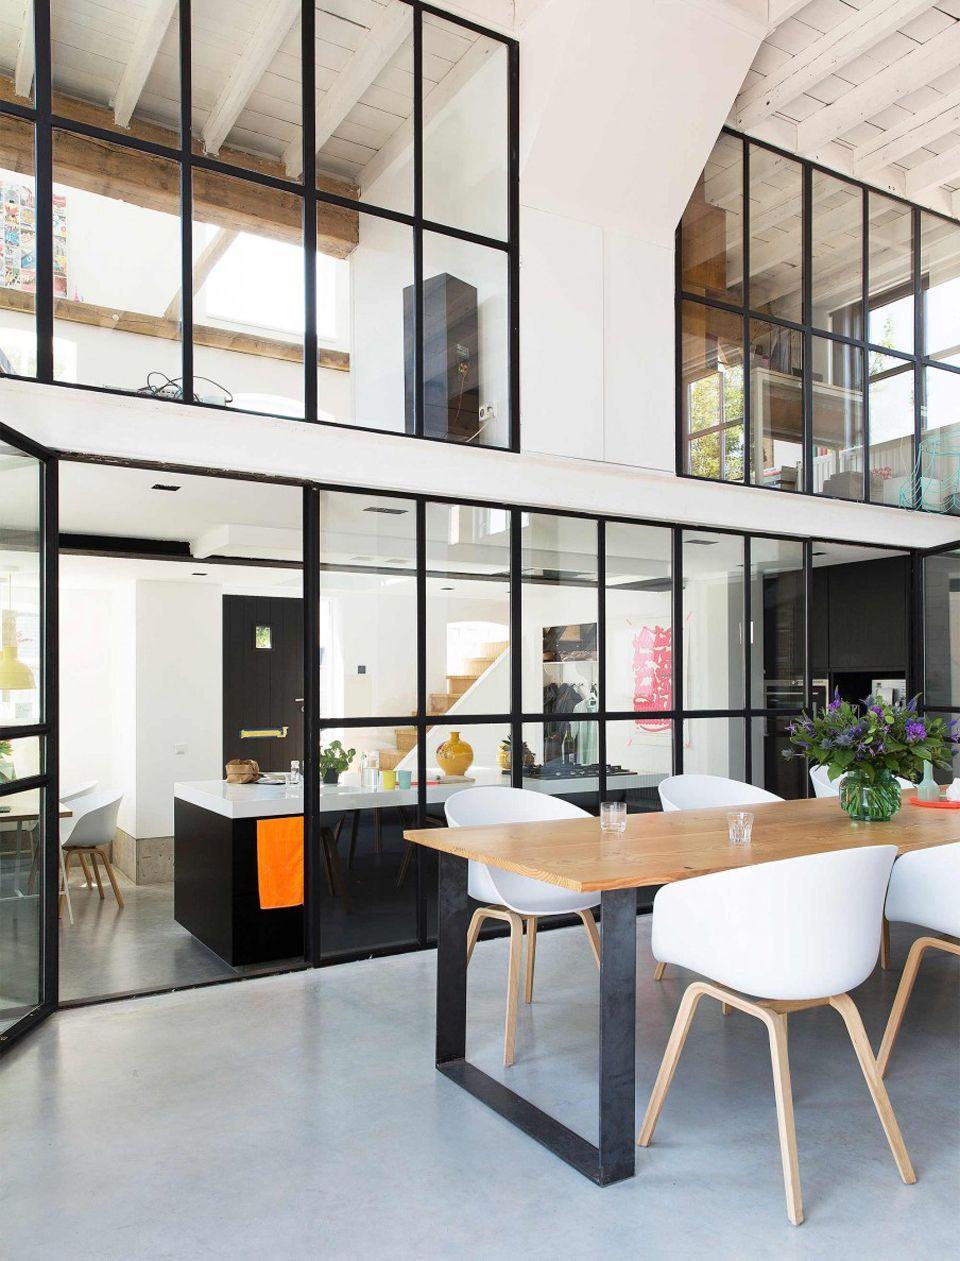 Innenarchitektur wohnzimmer grundrisse deco ancienne tannerie  guiomarix  haus  pinterest  haus